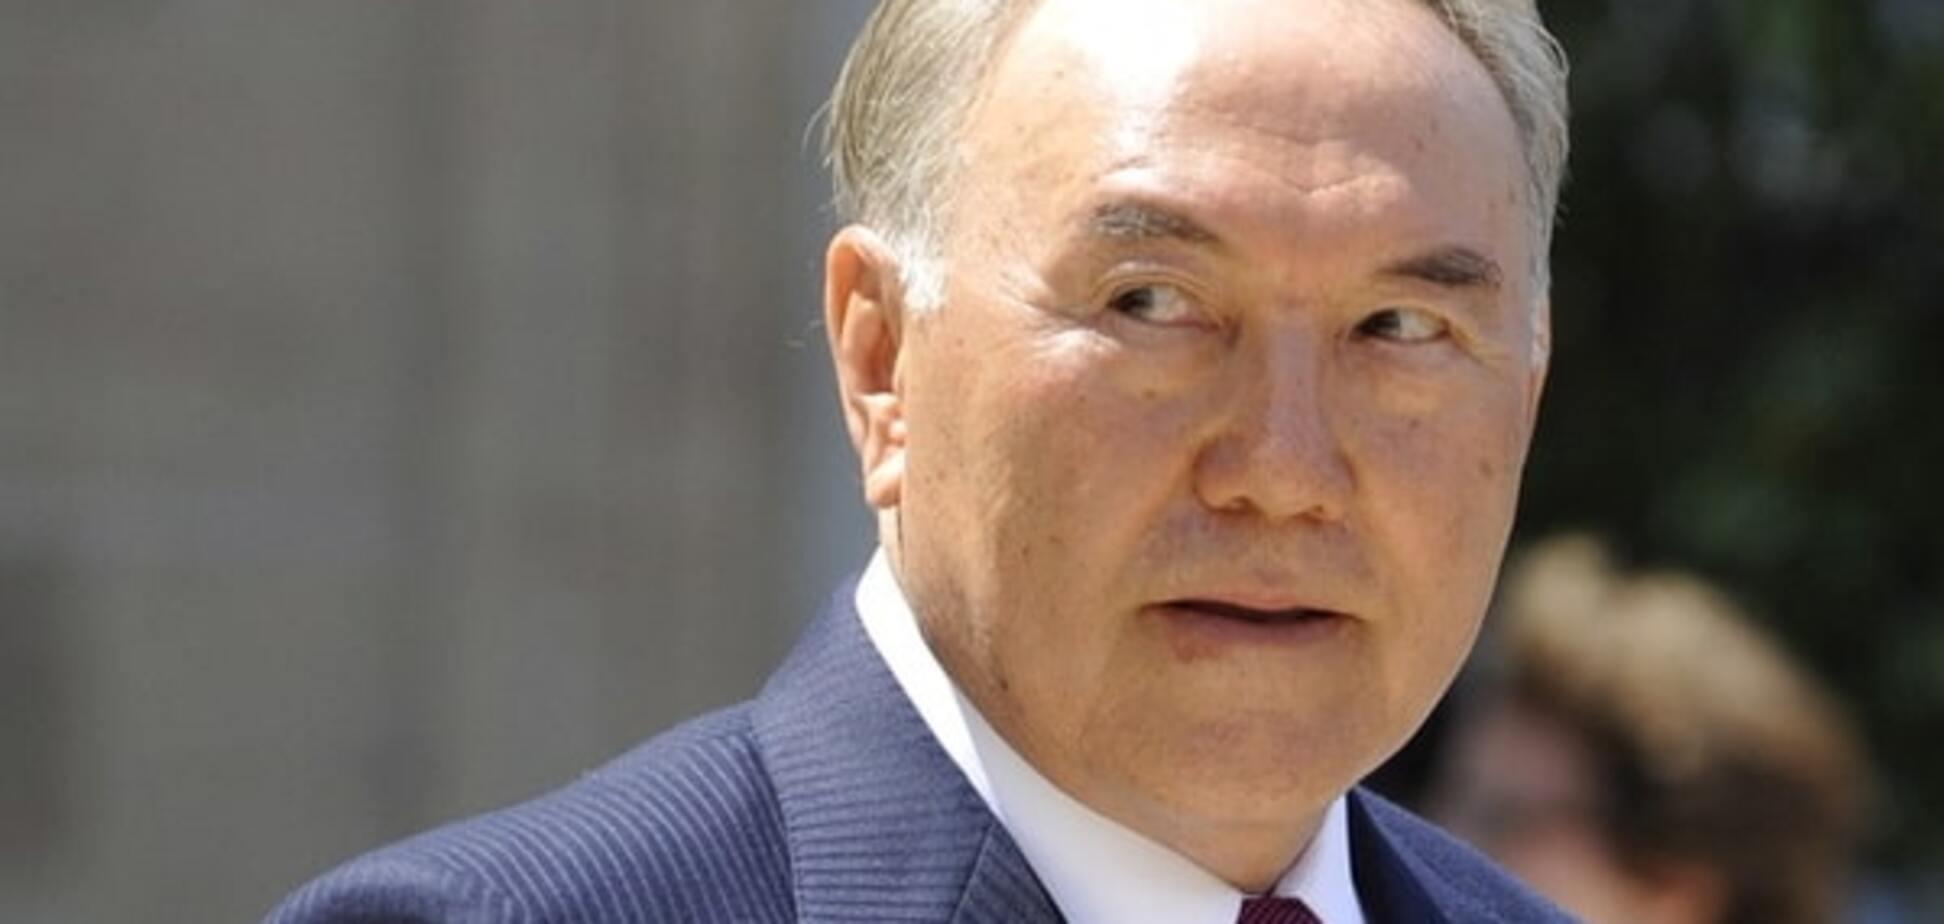 Миллиардер хотел сделать селфи с Назарбаевым: курьезное видео